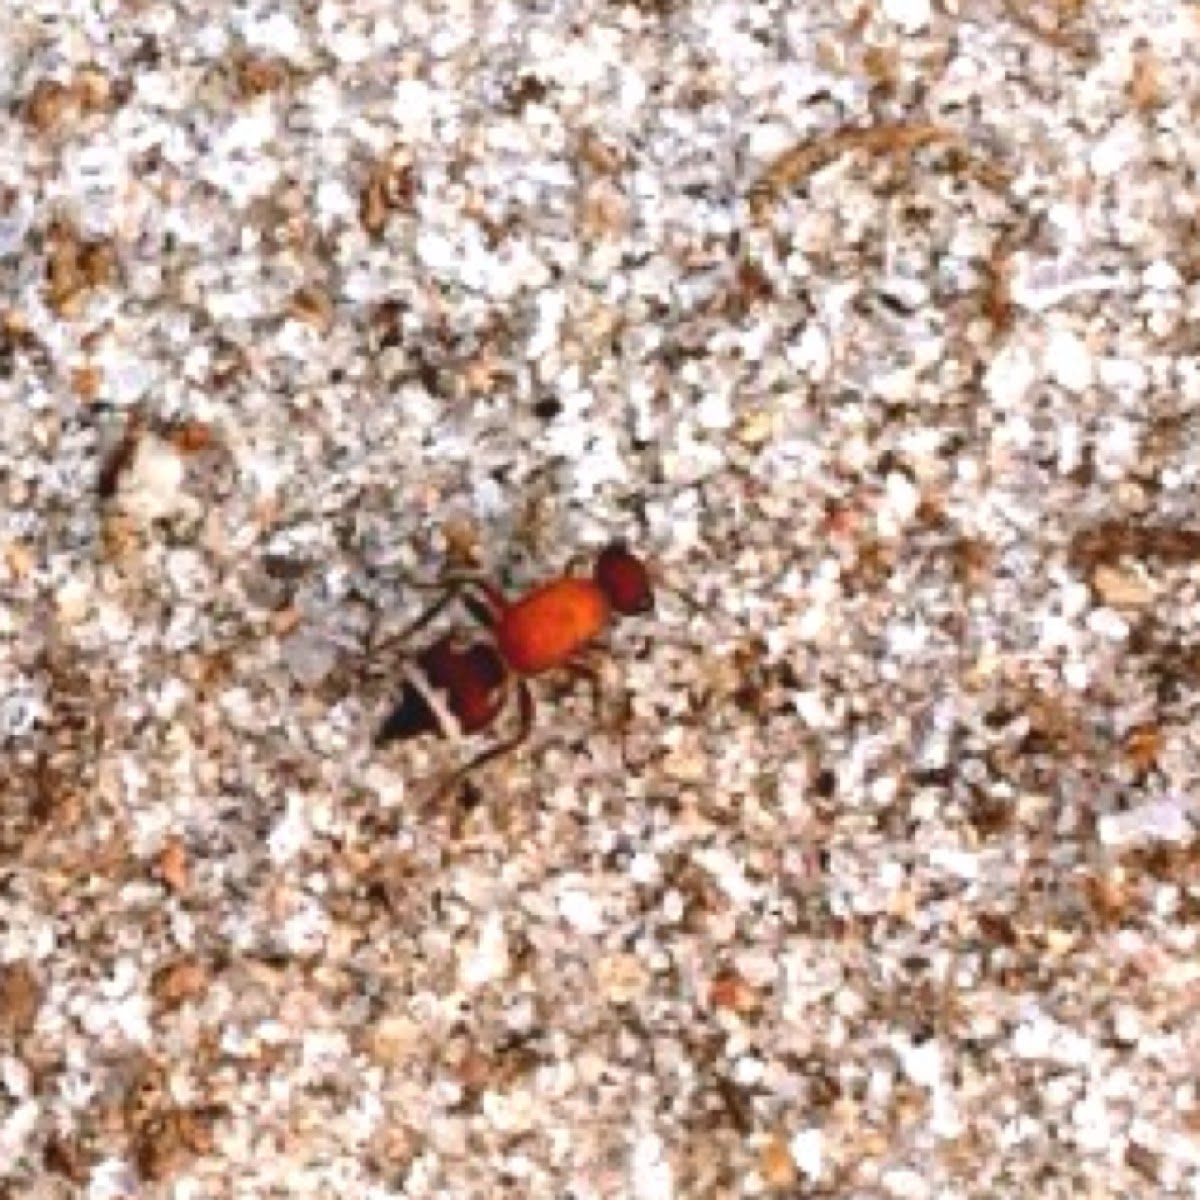 Velvet Ant (female)